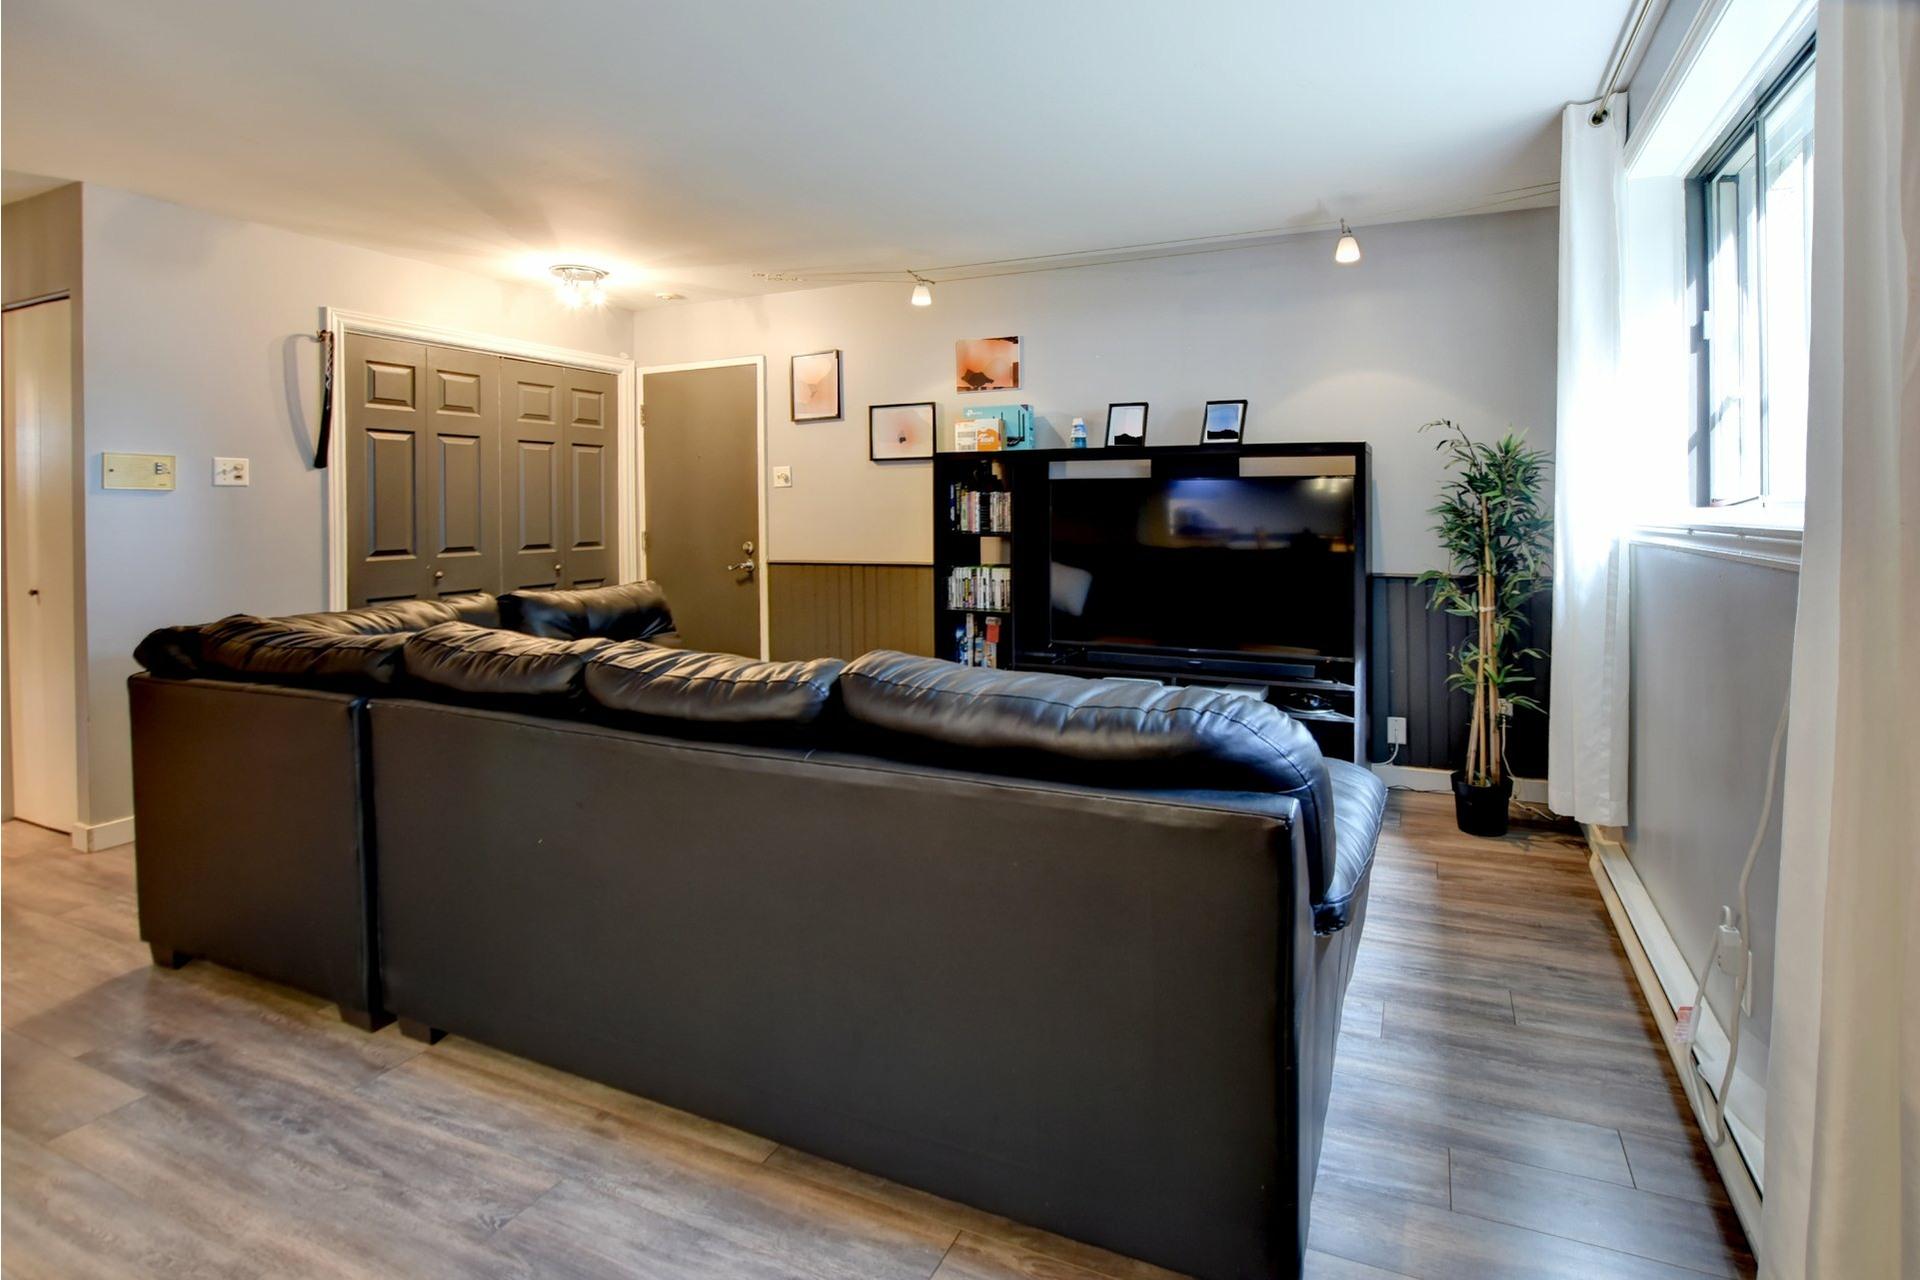 image 4 - Appartement À vendre Rivière-des-Prairies/Pointe-aux-Trembles Montréal  - 6 pièces